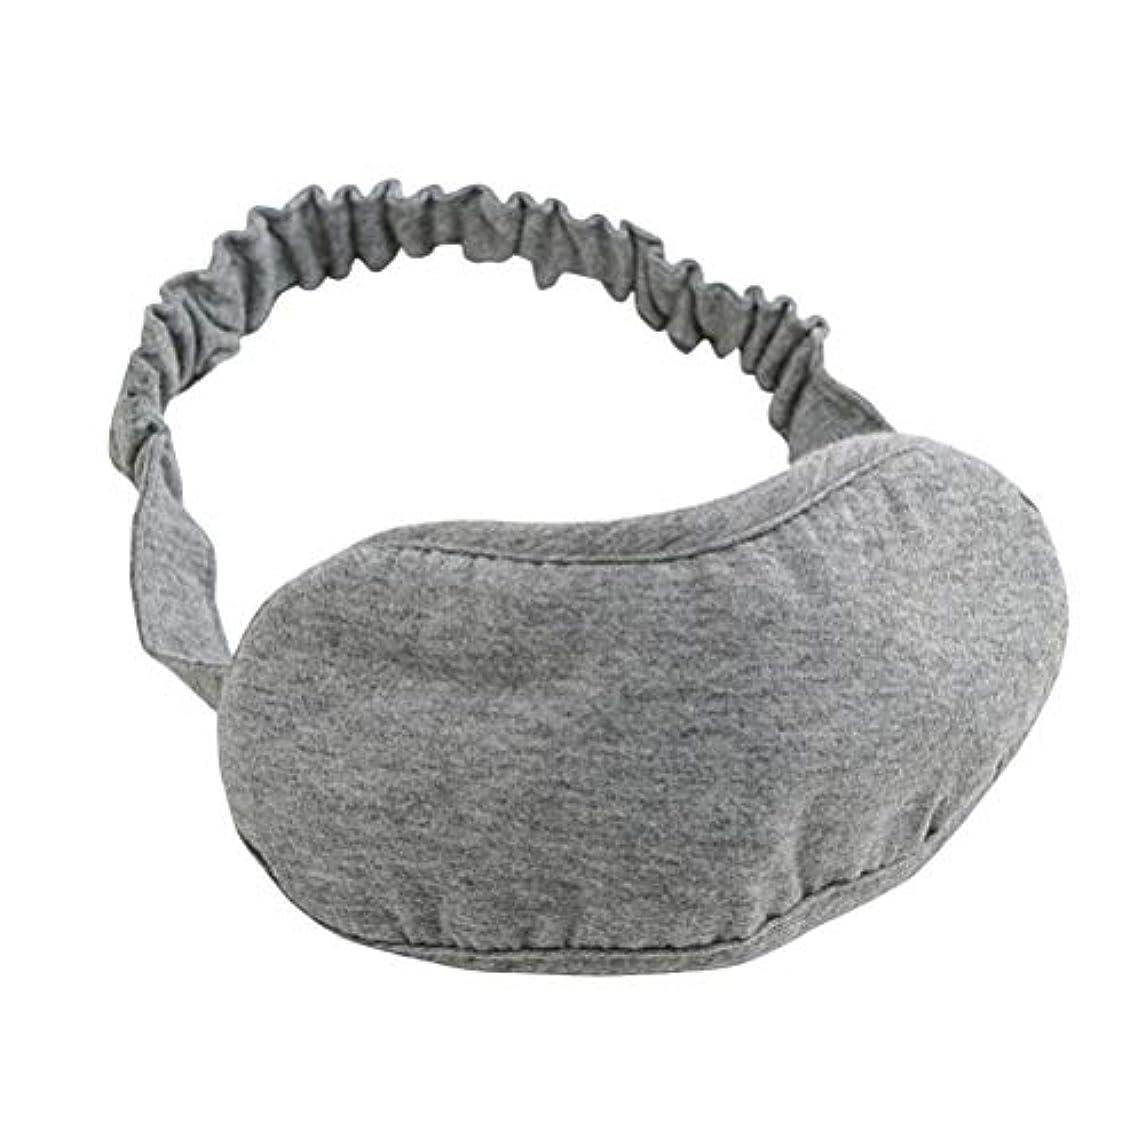 胃デュアル造船HEALIFTY 睡眠目隠しコットンアイマスクアイシェードナップカバー厚い目隠しスリーピングレストトラベルオフィス用アイパッチ(グレー)